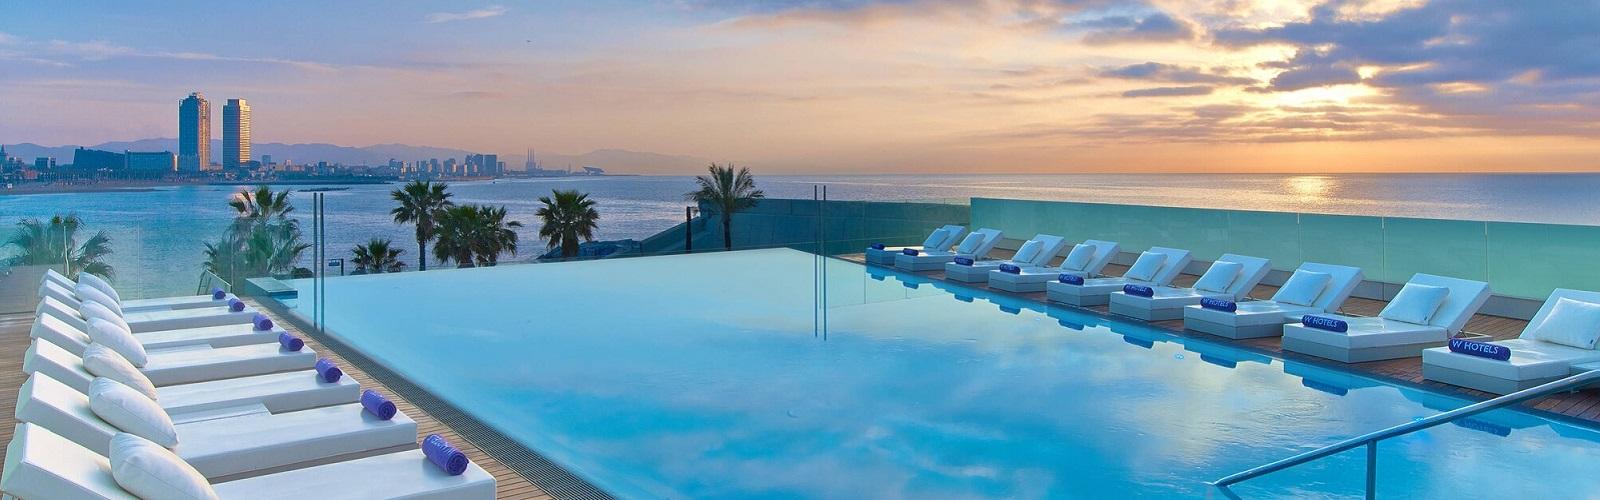 5.f1-hotels-barcelona